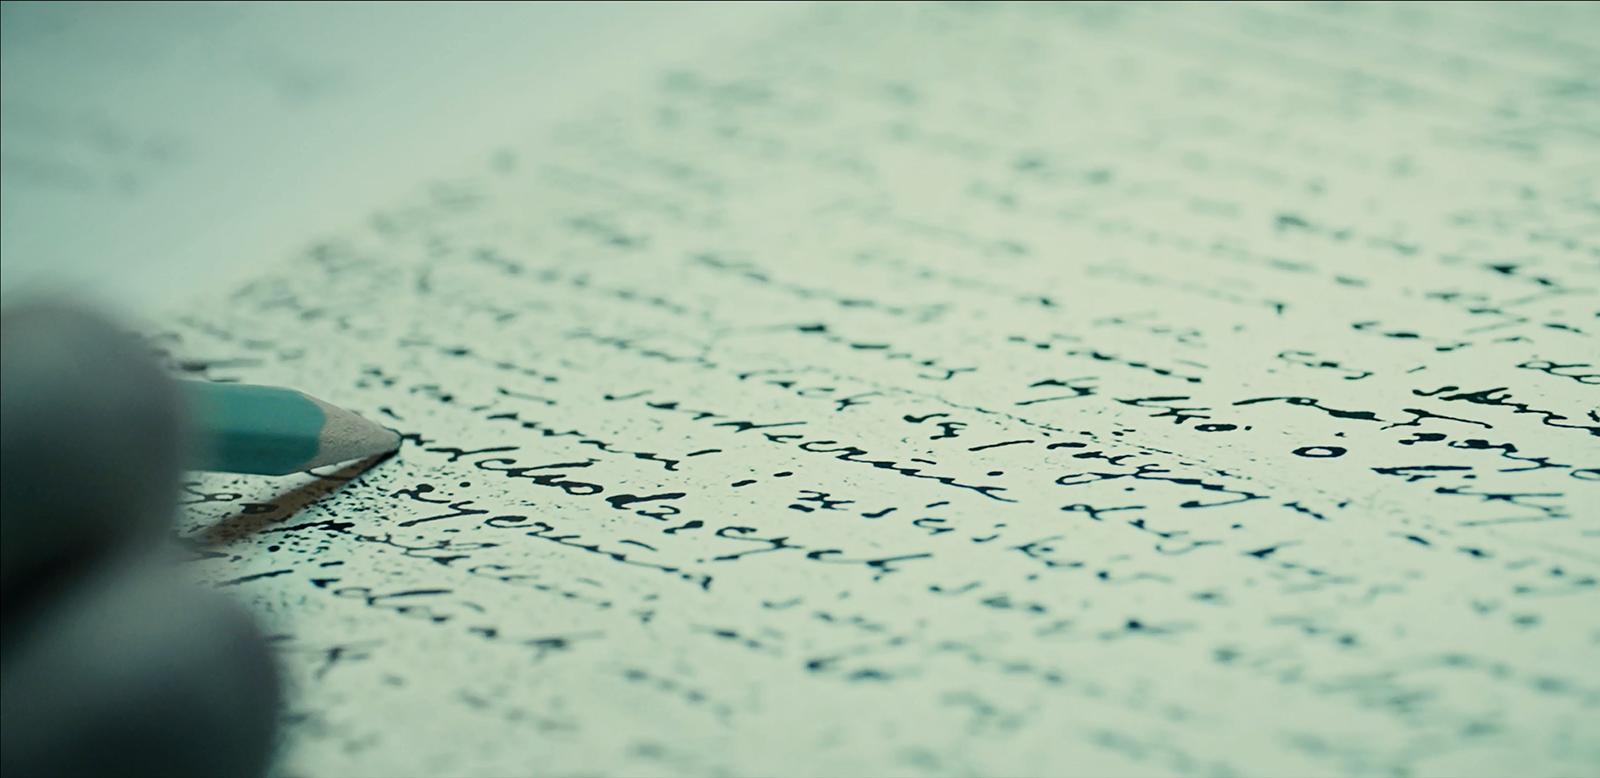 Zdjęcie przedstawiające pisanie ołówkiem po kartce papieru